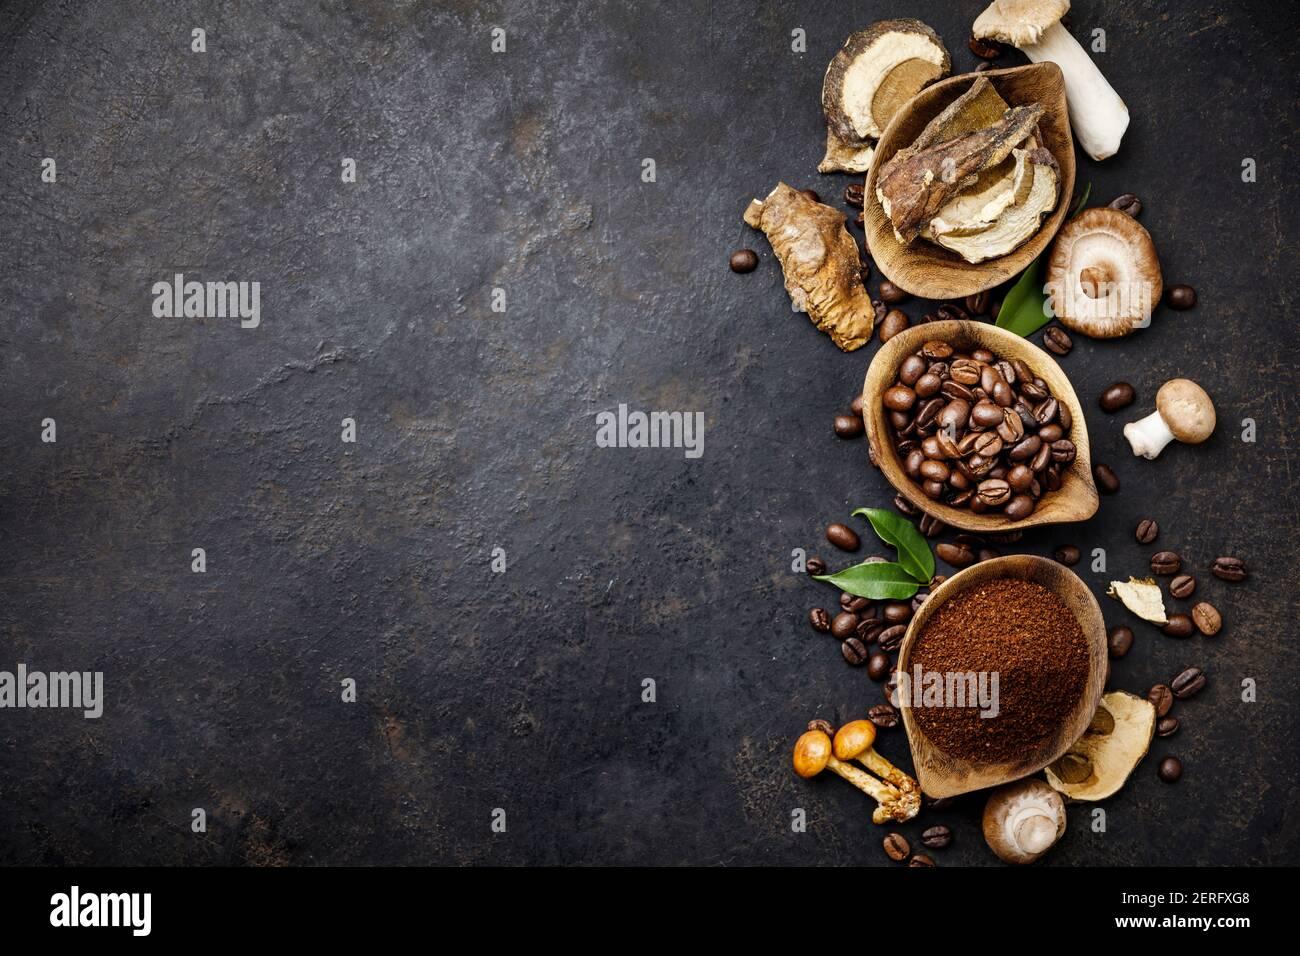 Café à la Chaga aux champignons Superfood champignons frais et secs et grains de café sur fond sombre. Espace de copie, vue de dessus. Concept de tendance alimentaire moderne Banque D'Images